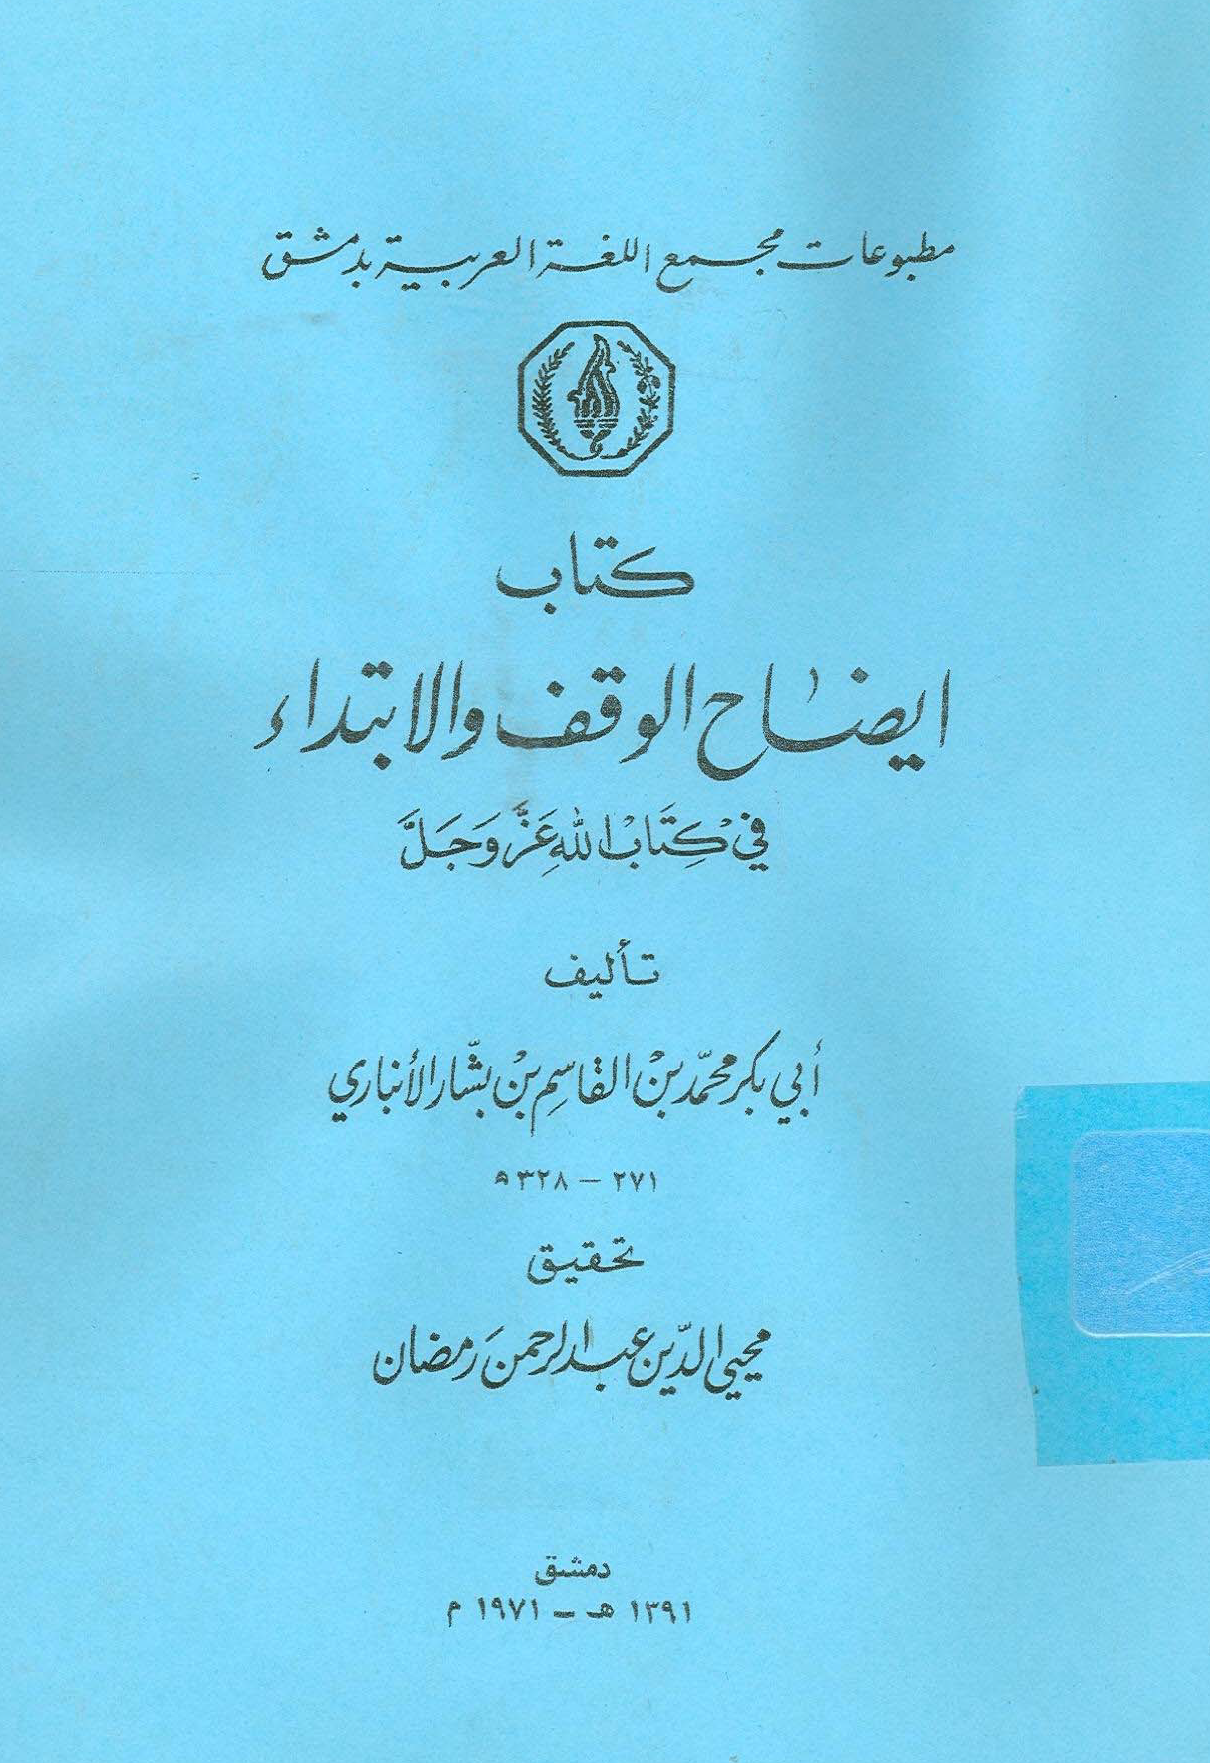 تحميل كتاب إيضاح الوقف والابتداء في كتاب الله عز وجل لـِ: الإمام أبو بكر محمد بن القاسم بن بشار الأنباري (ت 328)